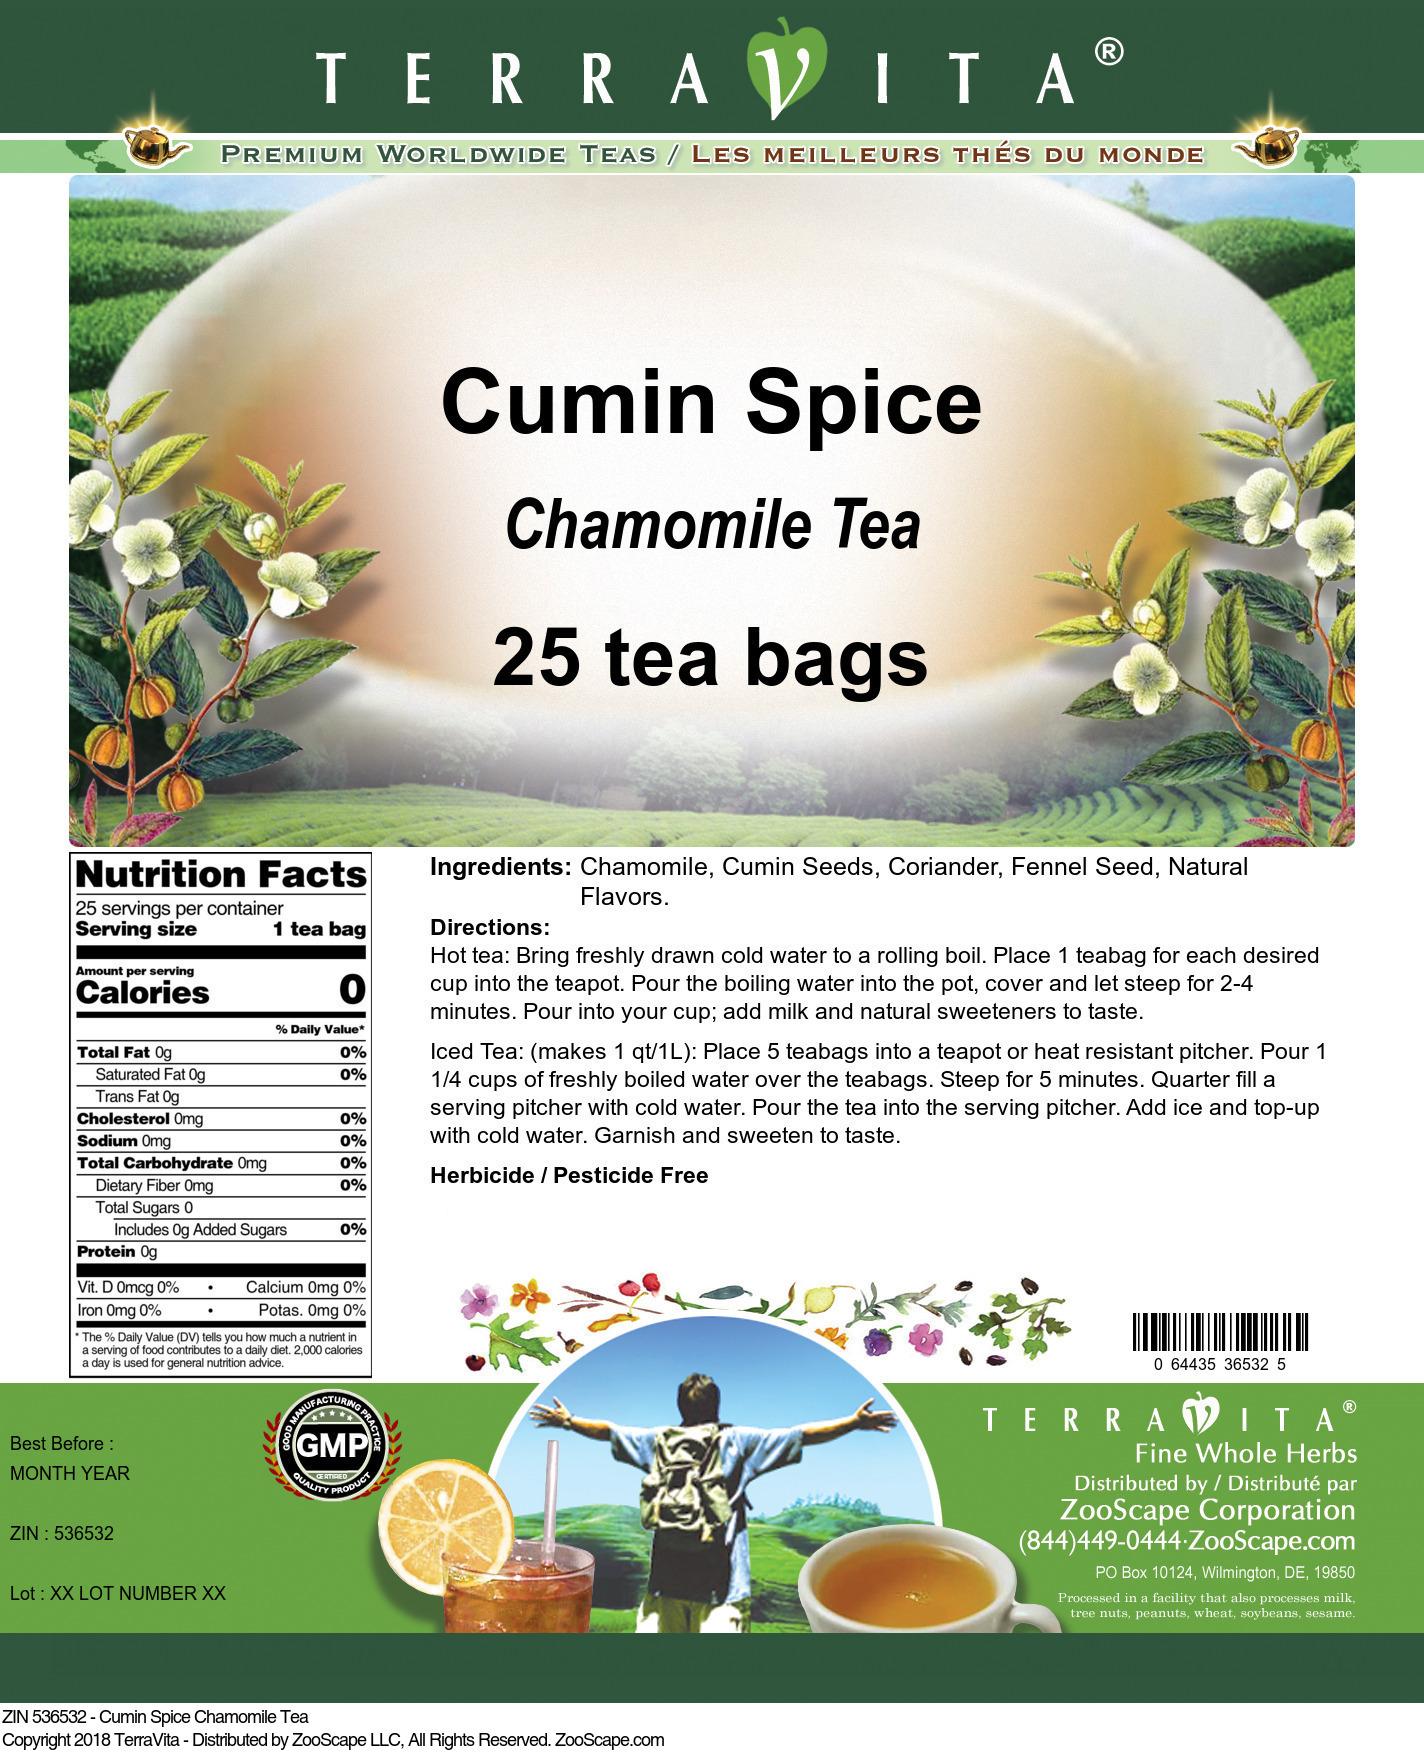 Cumin Spice Chamomile Tea